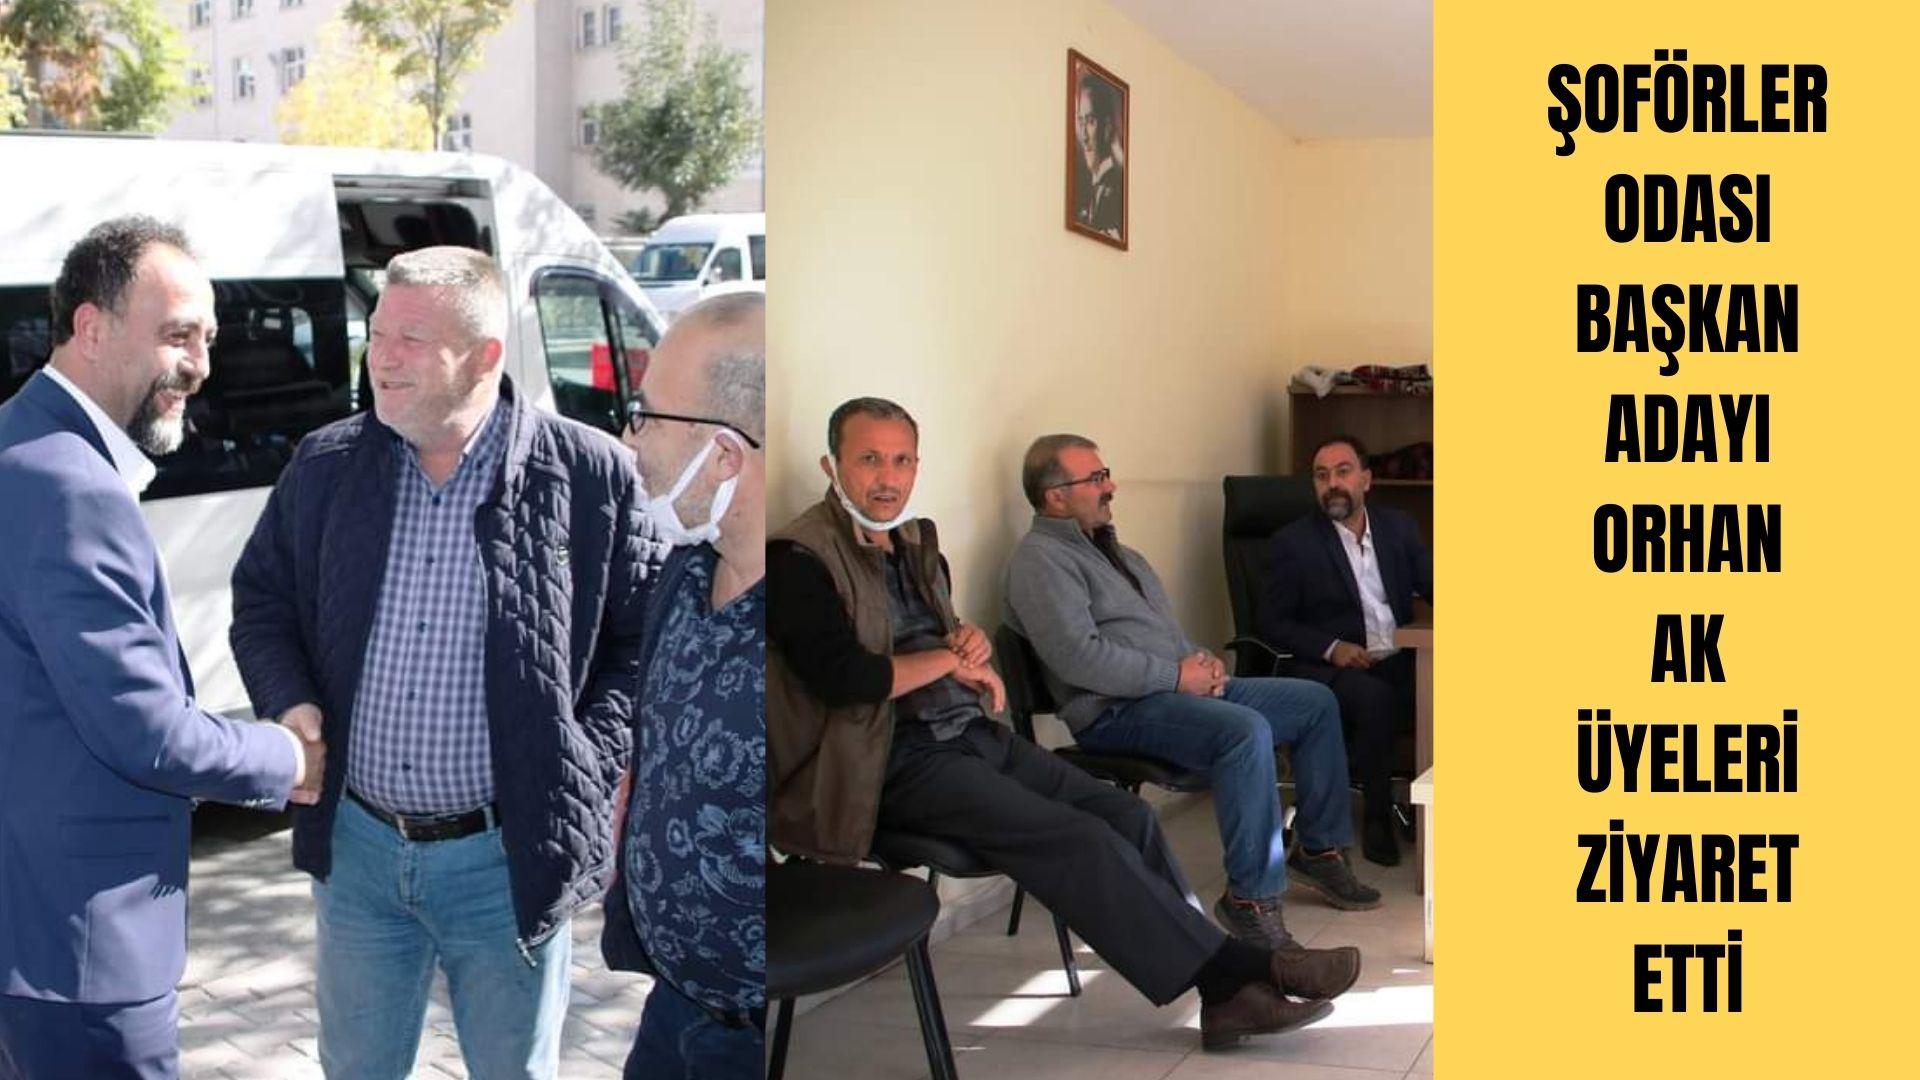 Başkan Adayı Orhan Ak, üyeleri ziyaret etti